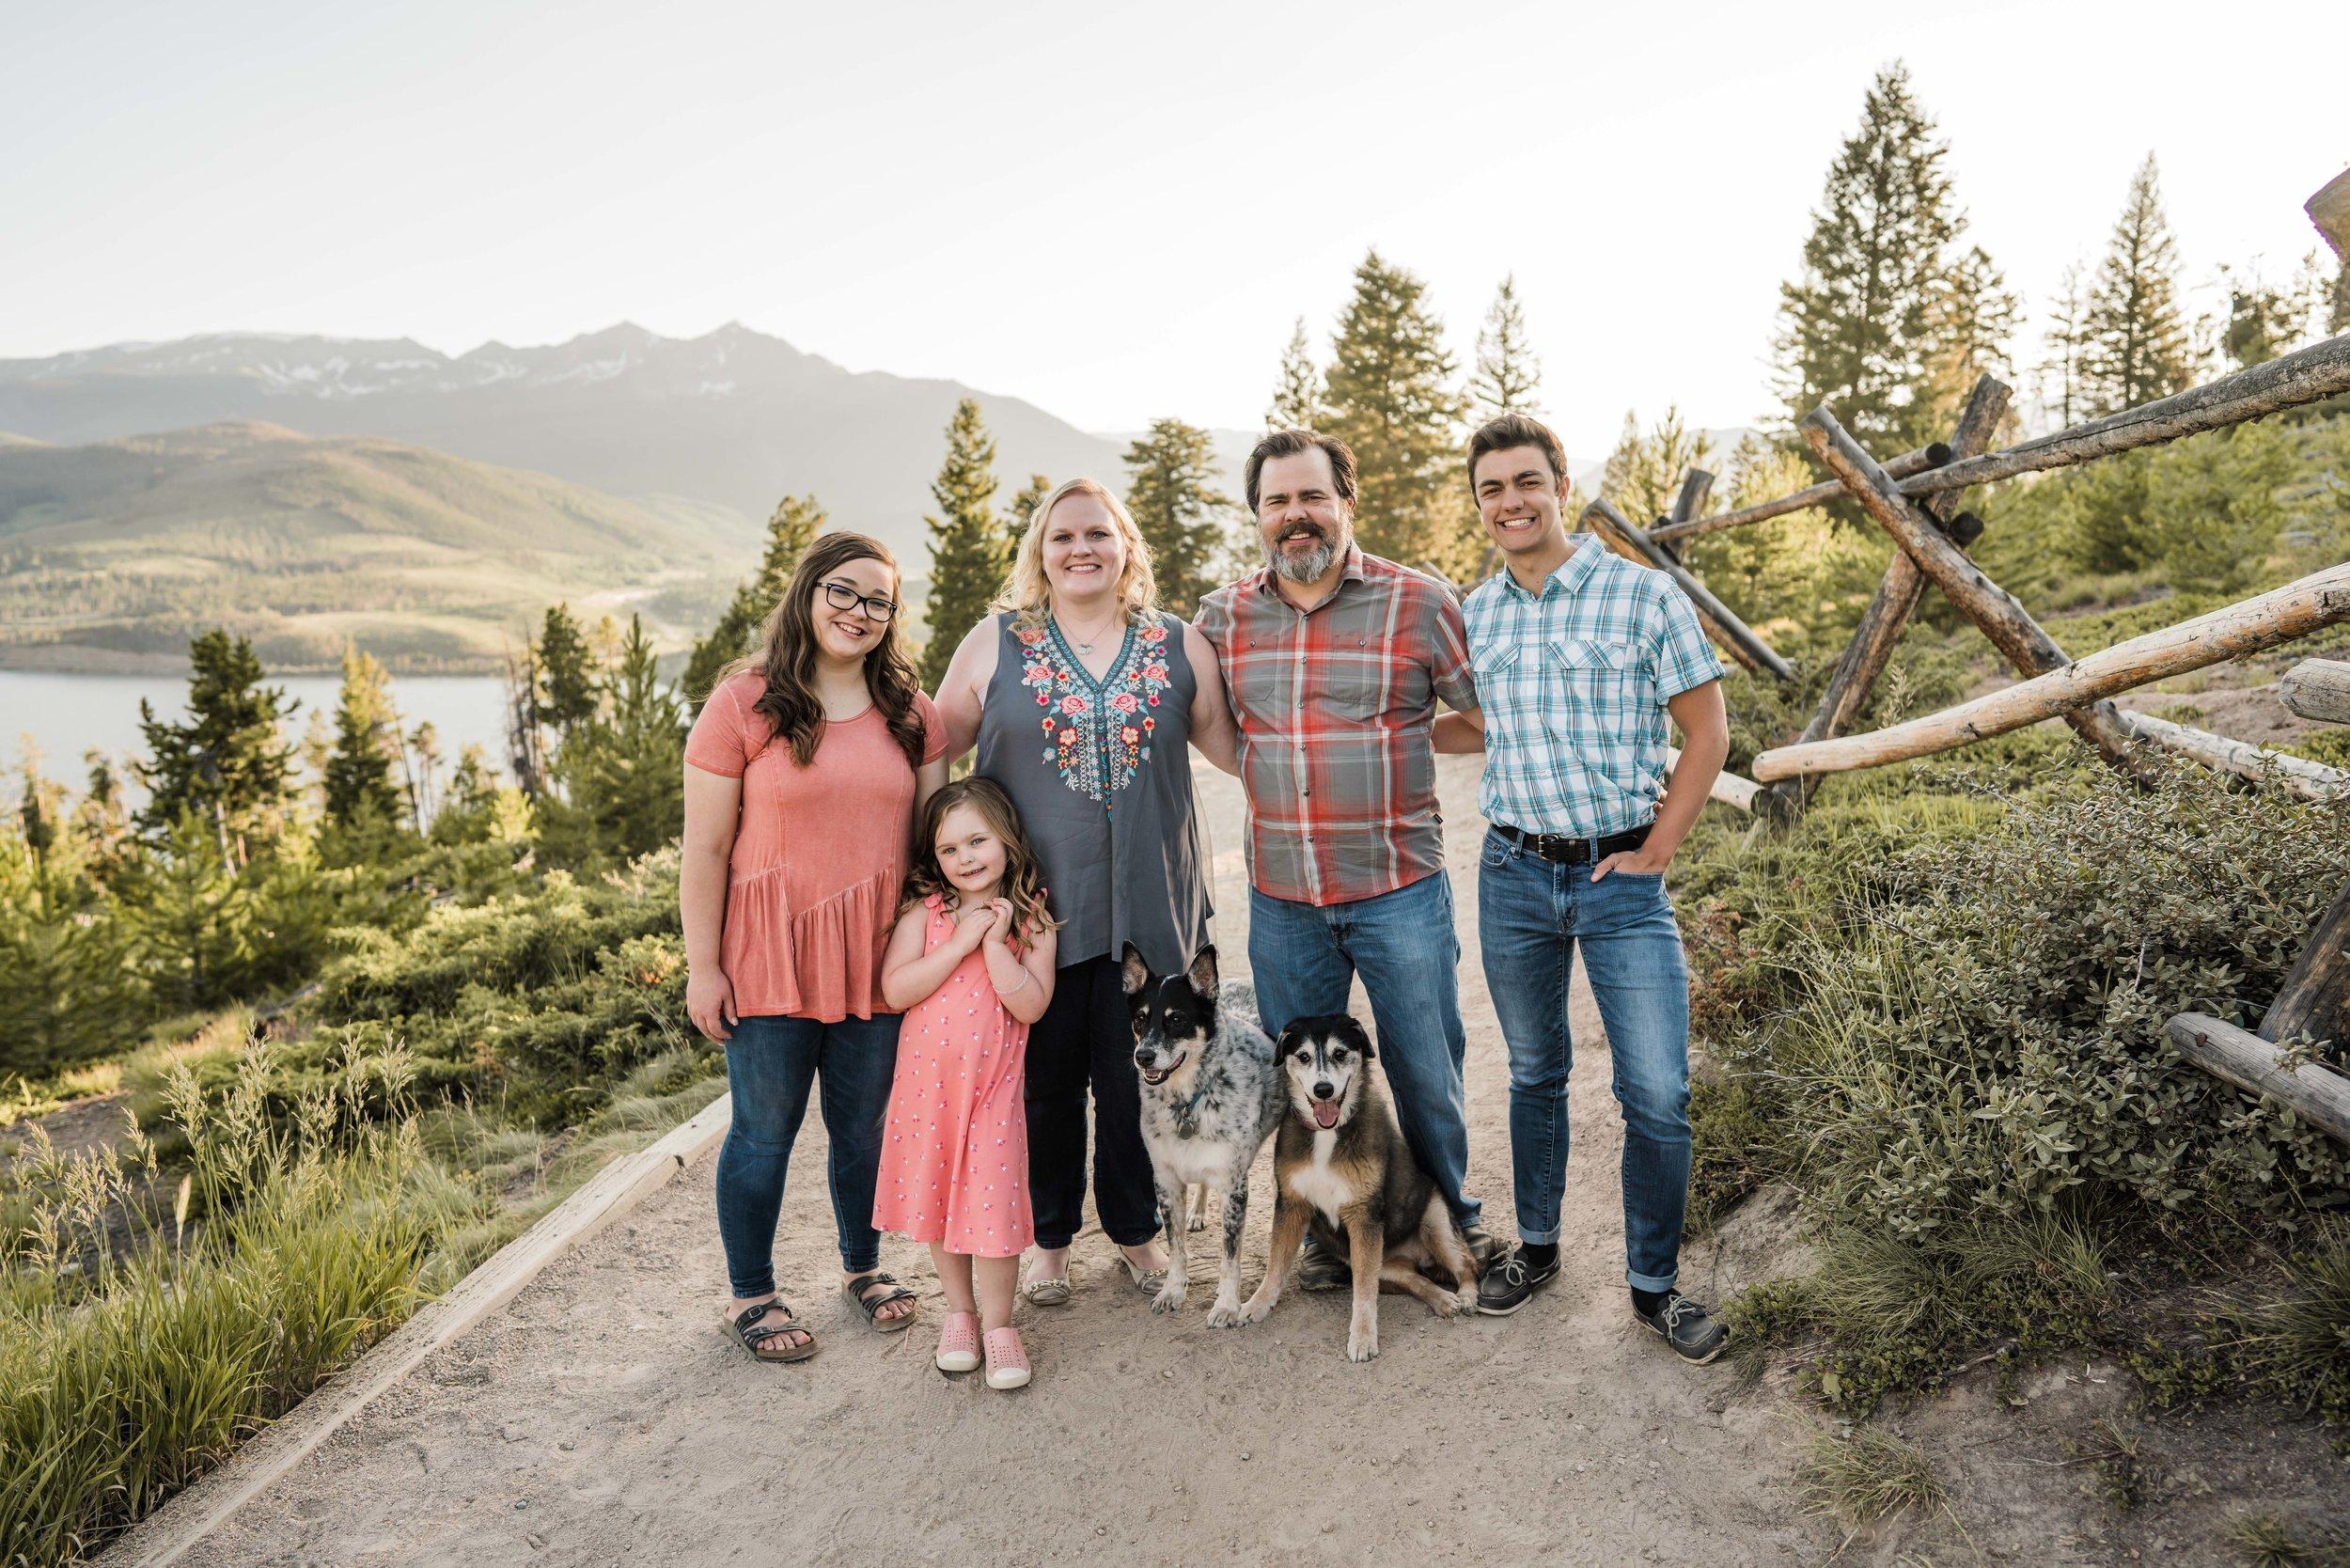 denver-family-photographer-in-breckenridge-mountains-DSC03575.jpg